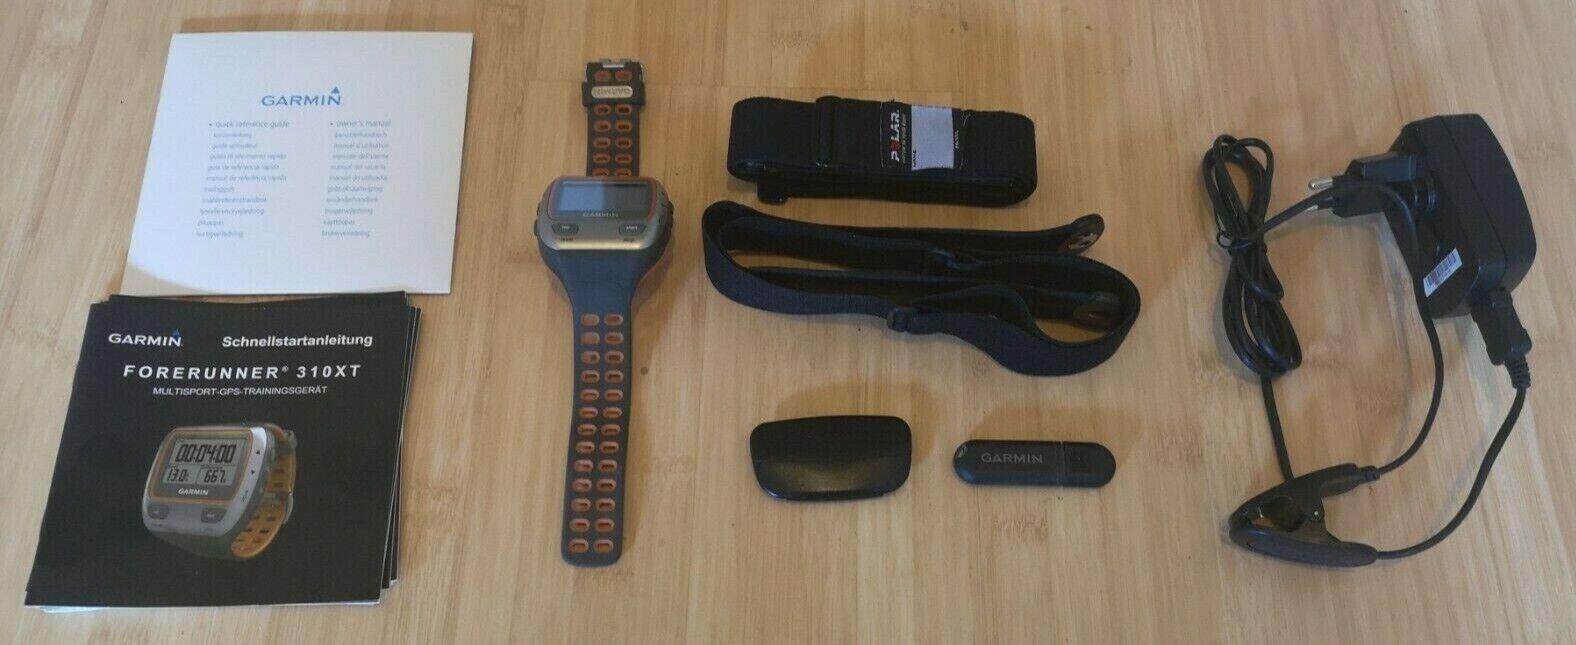 Garmin Forerunner 310XT GPS Sportuhr mit Herzfrequenzsensor